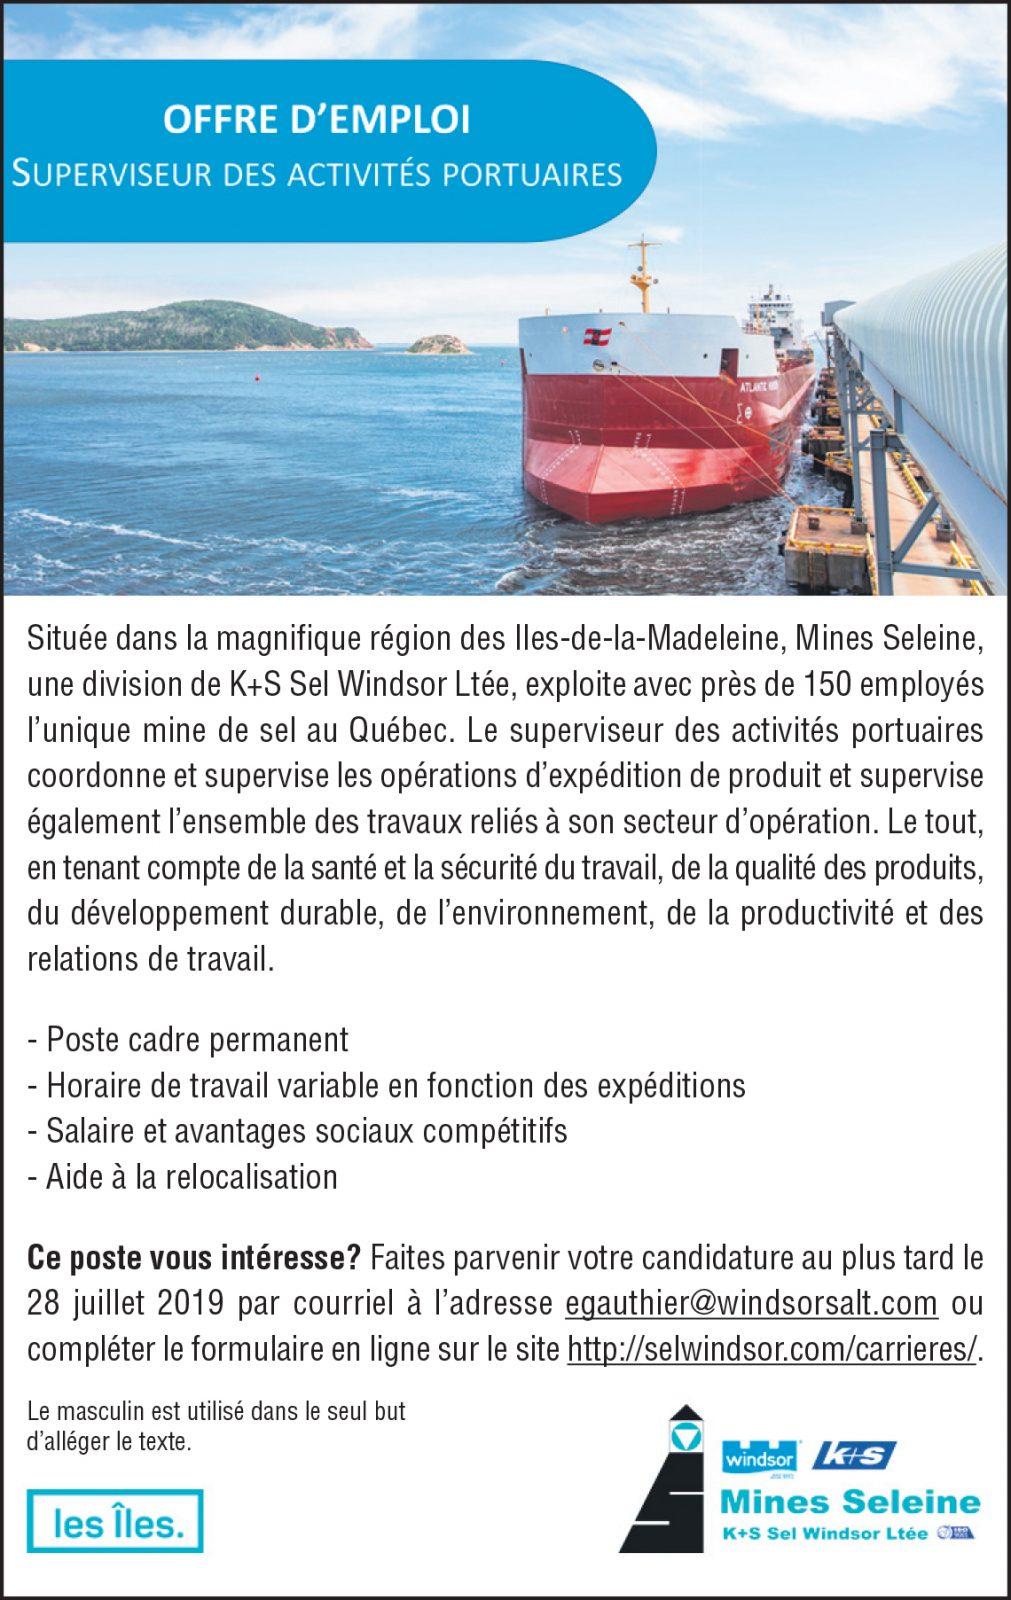 Superviseur des activités portuaires